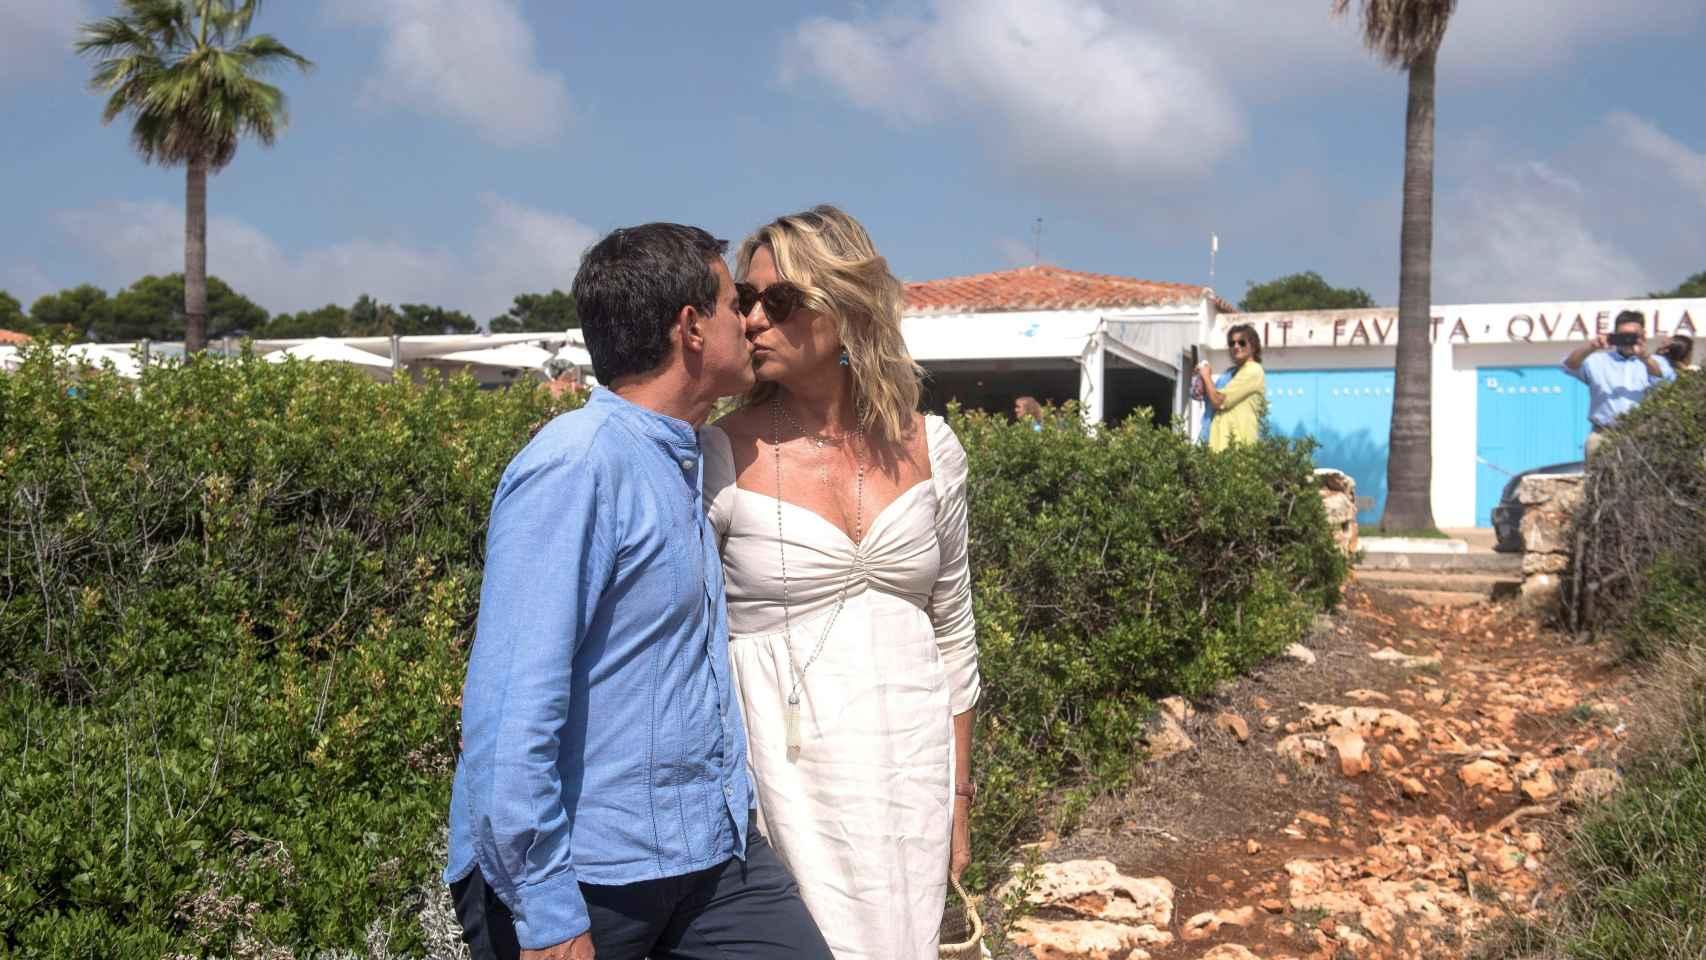 Manuel Valls y Susana Gallardo han celebrado su gran boda durante tres días en Menorca.